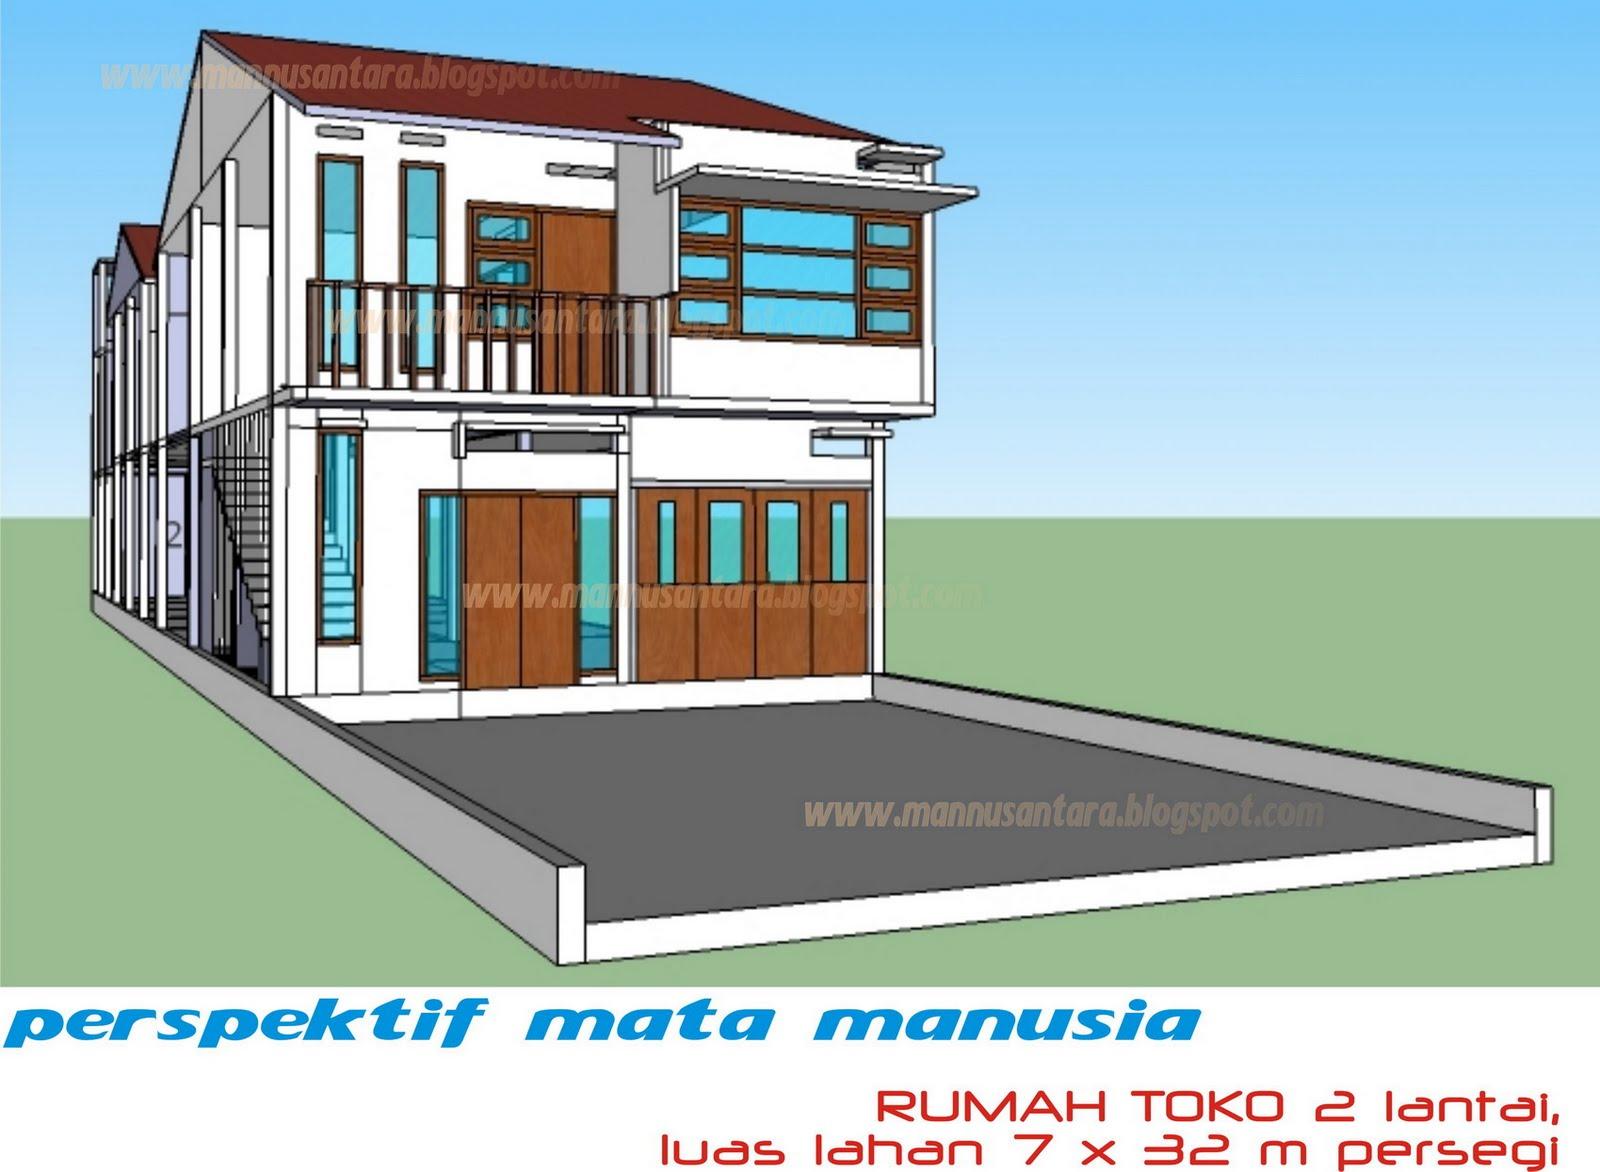 Desain Rumah Rumah Artis Rumah Mewah House Star